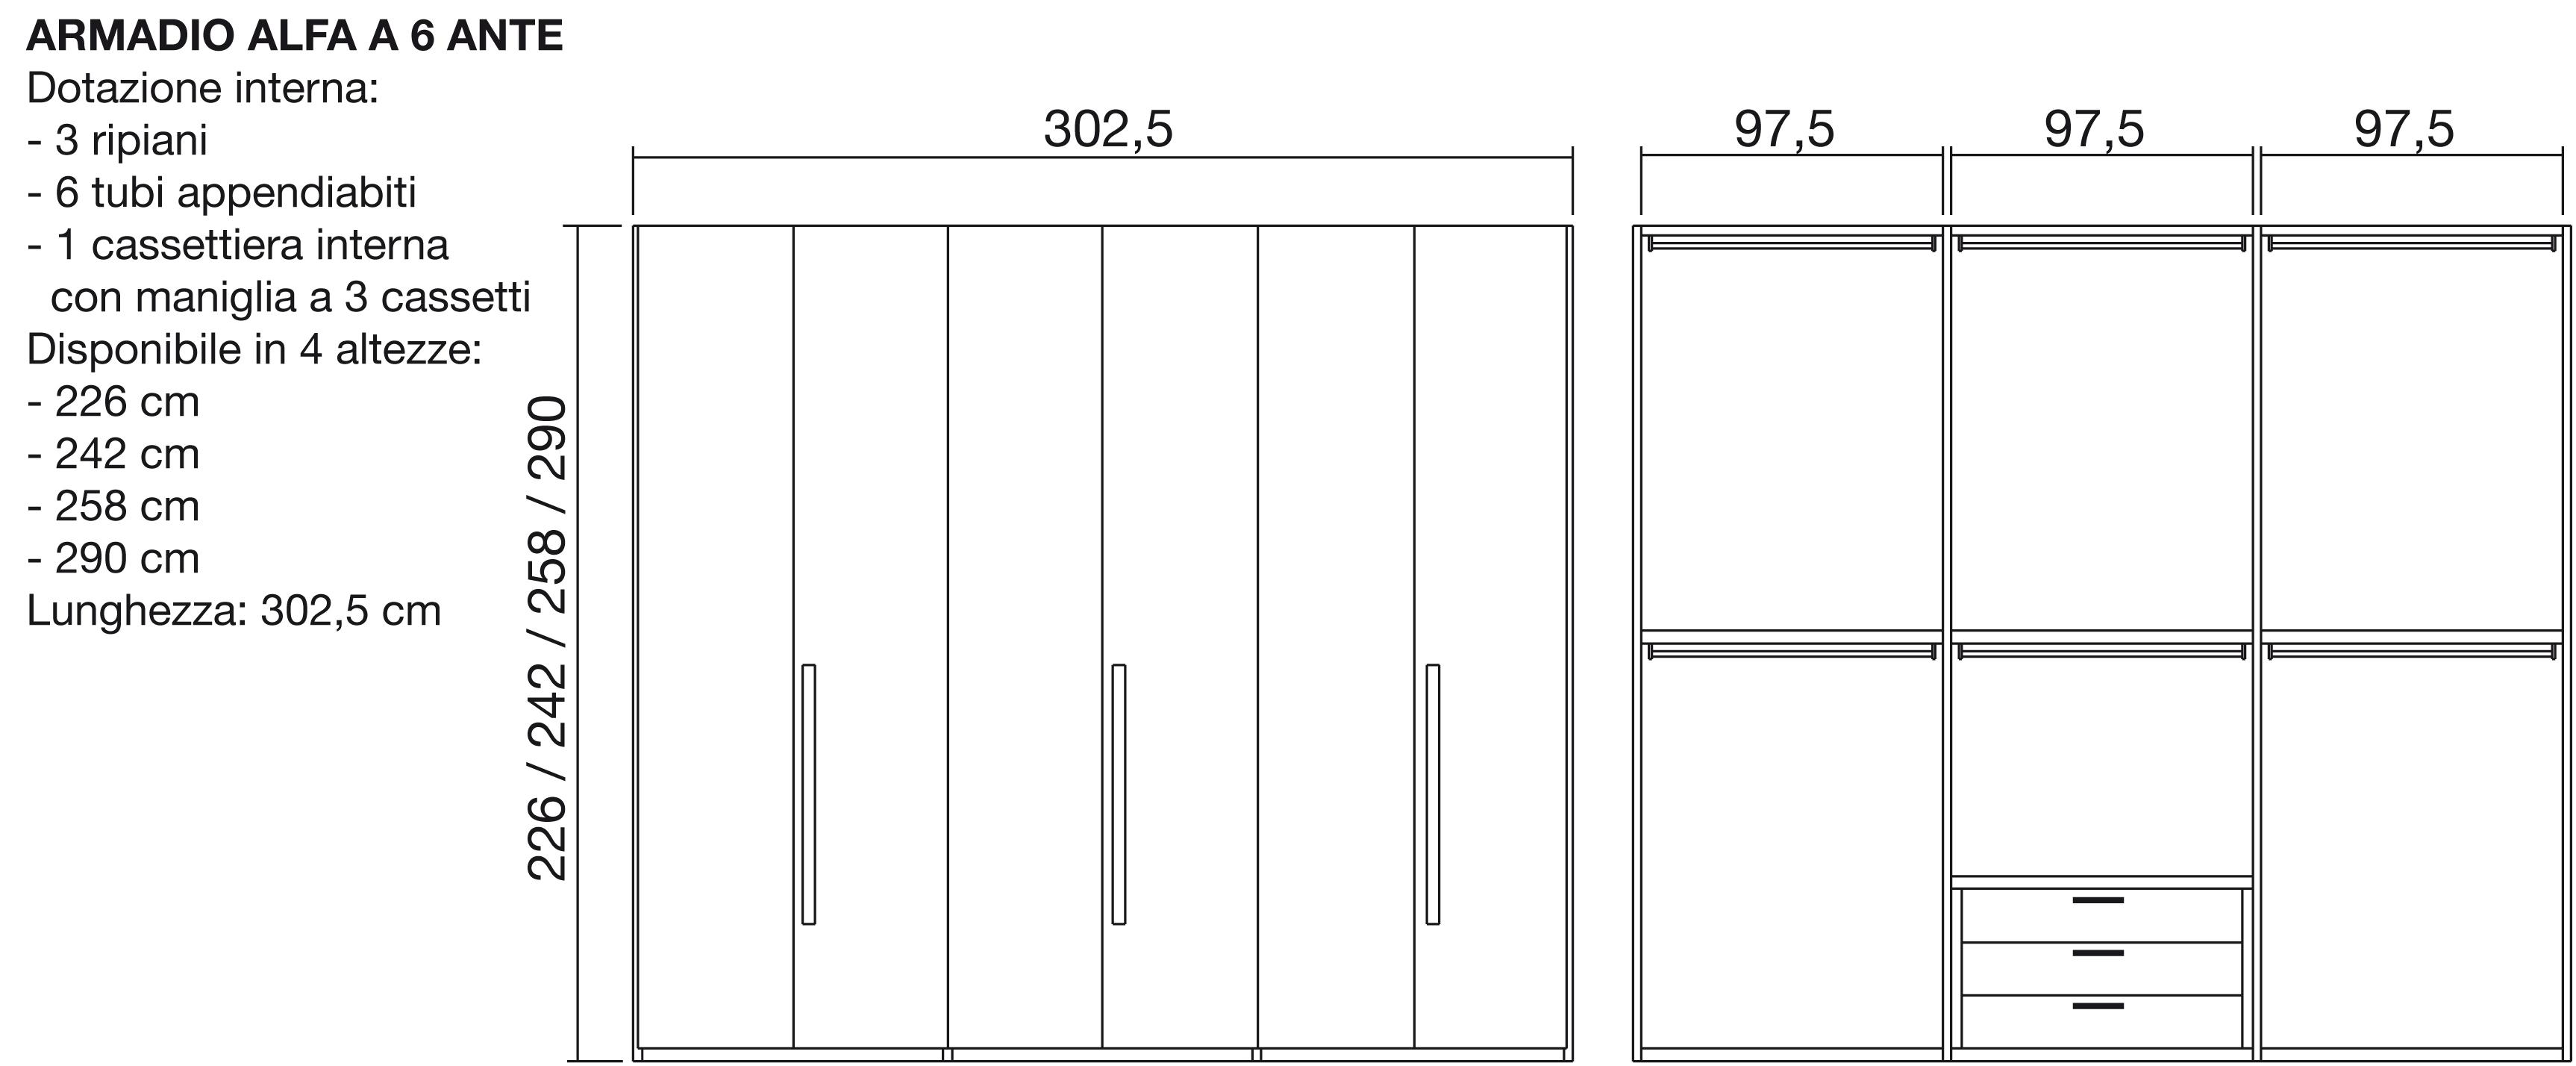 armadio alfa moderno laminato materico ante battenti